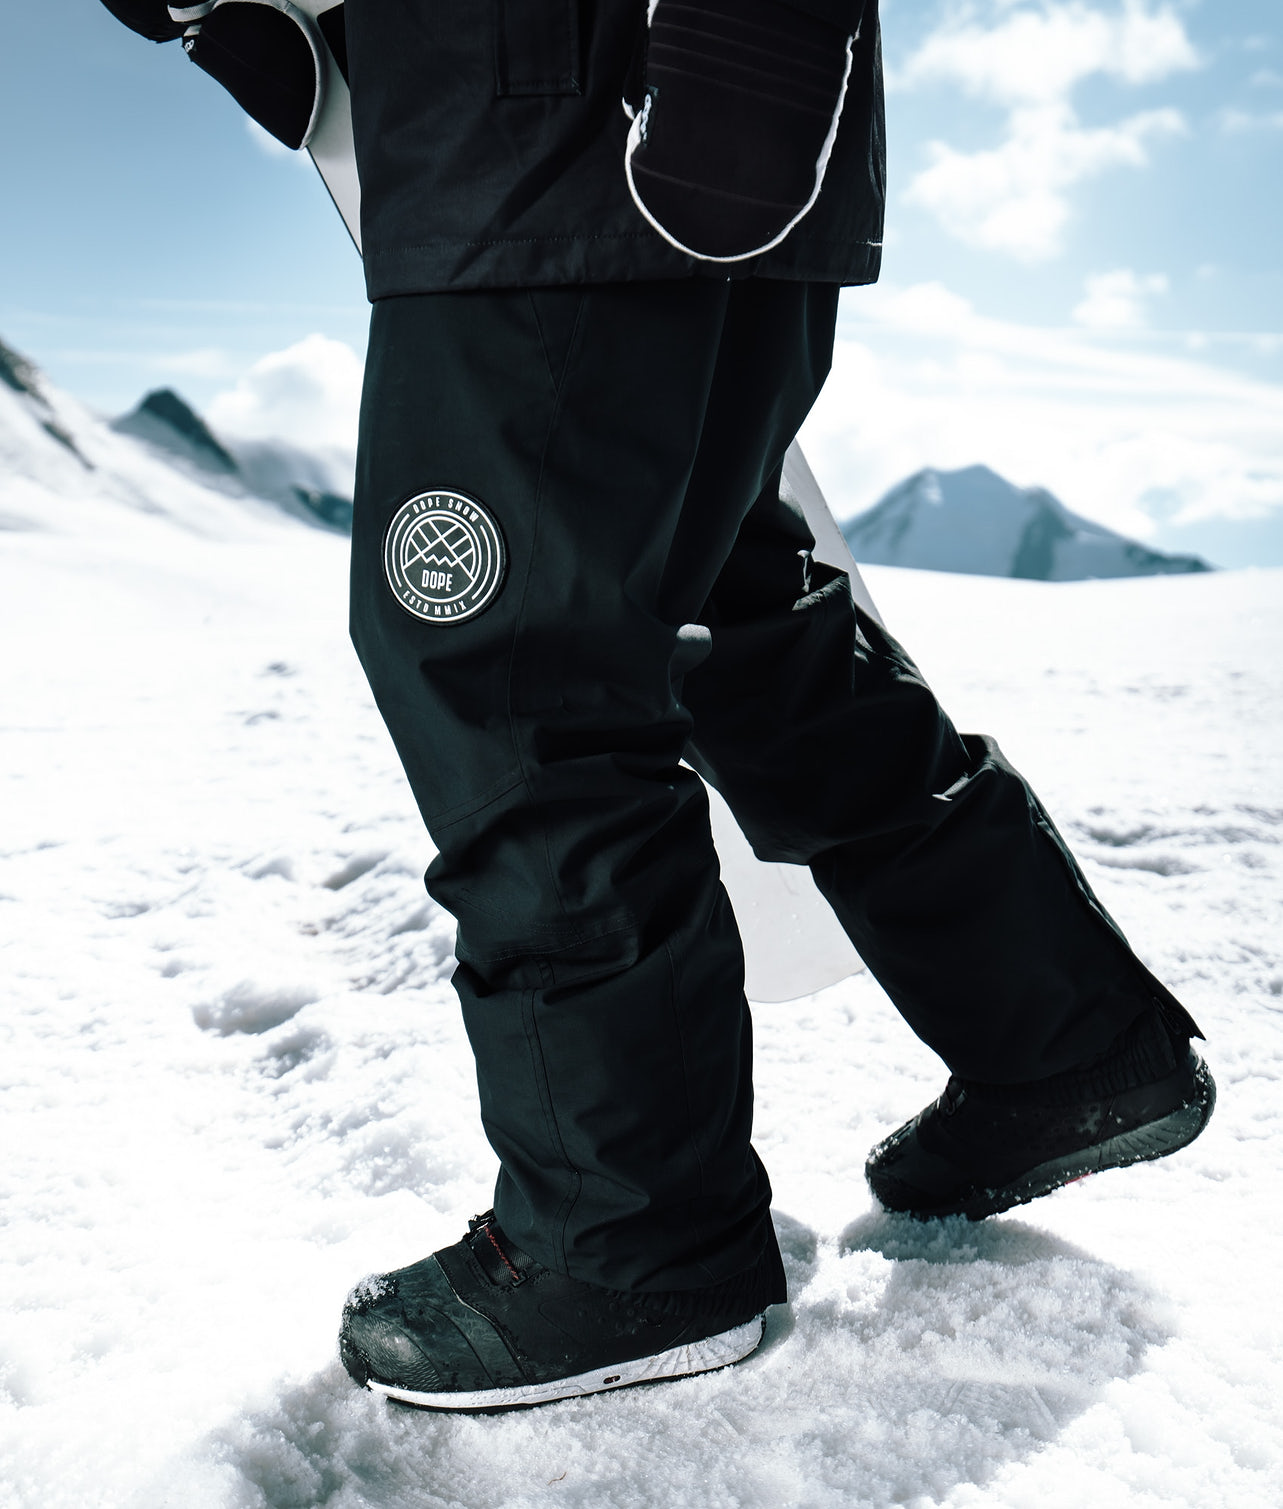 Kjøp Blizzard Snowboardbukse fra Dope på Ridestore.no - Hos oss har du alltid fri frakt, fri retur og 30 dagers åpent kjøp!